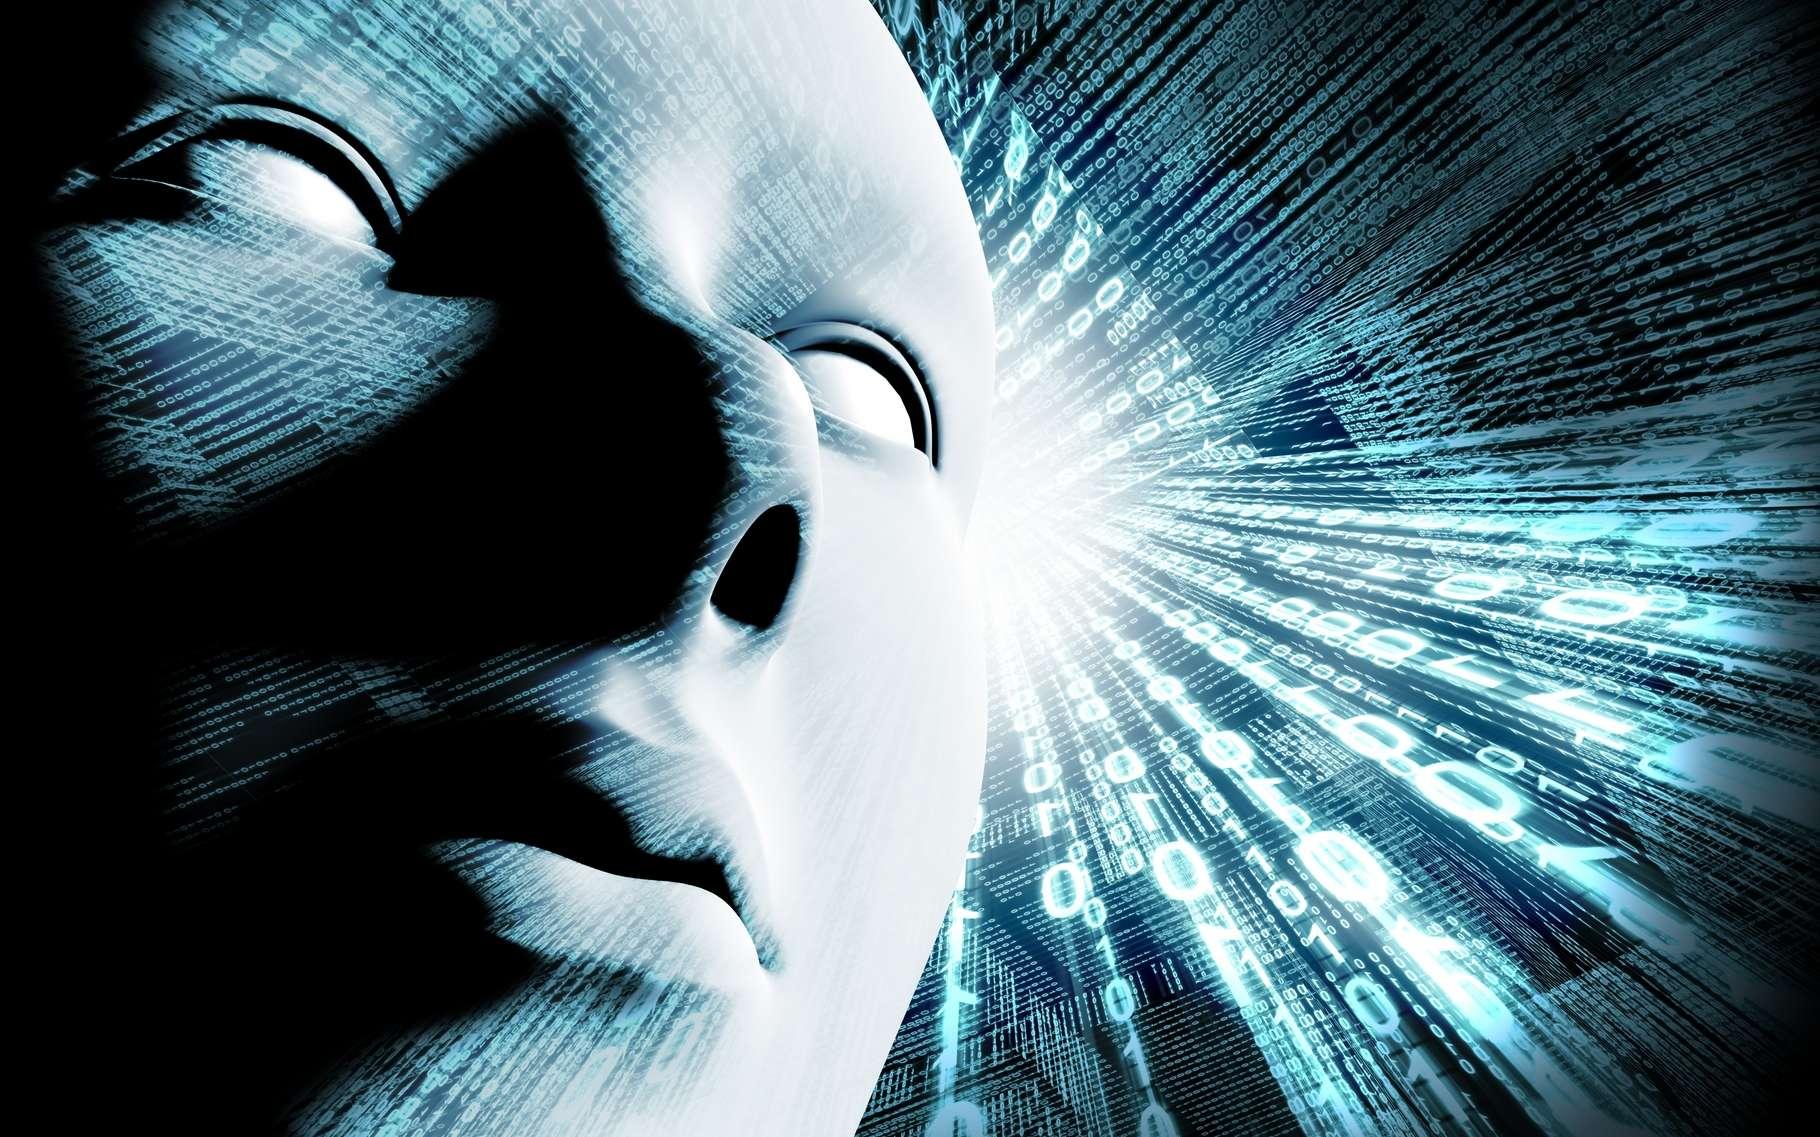 Jusqu'où ira l'intelligence artificielle ? Nul ne le sait mais, depuis quelques années, des applications concrètes voient le jour. © Carlos castilla, Shutterstock